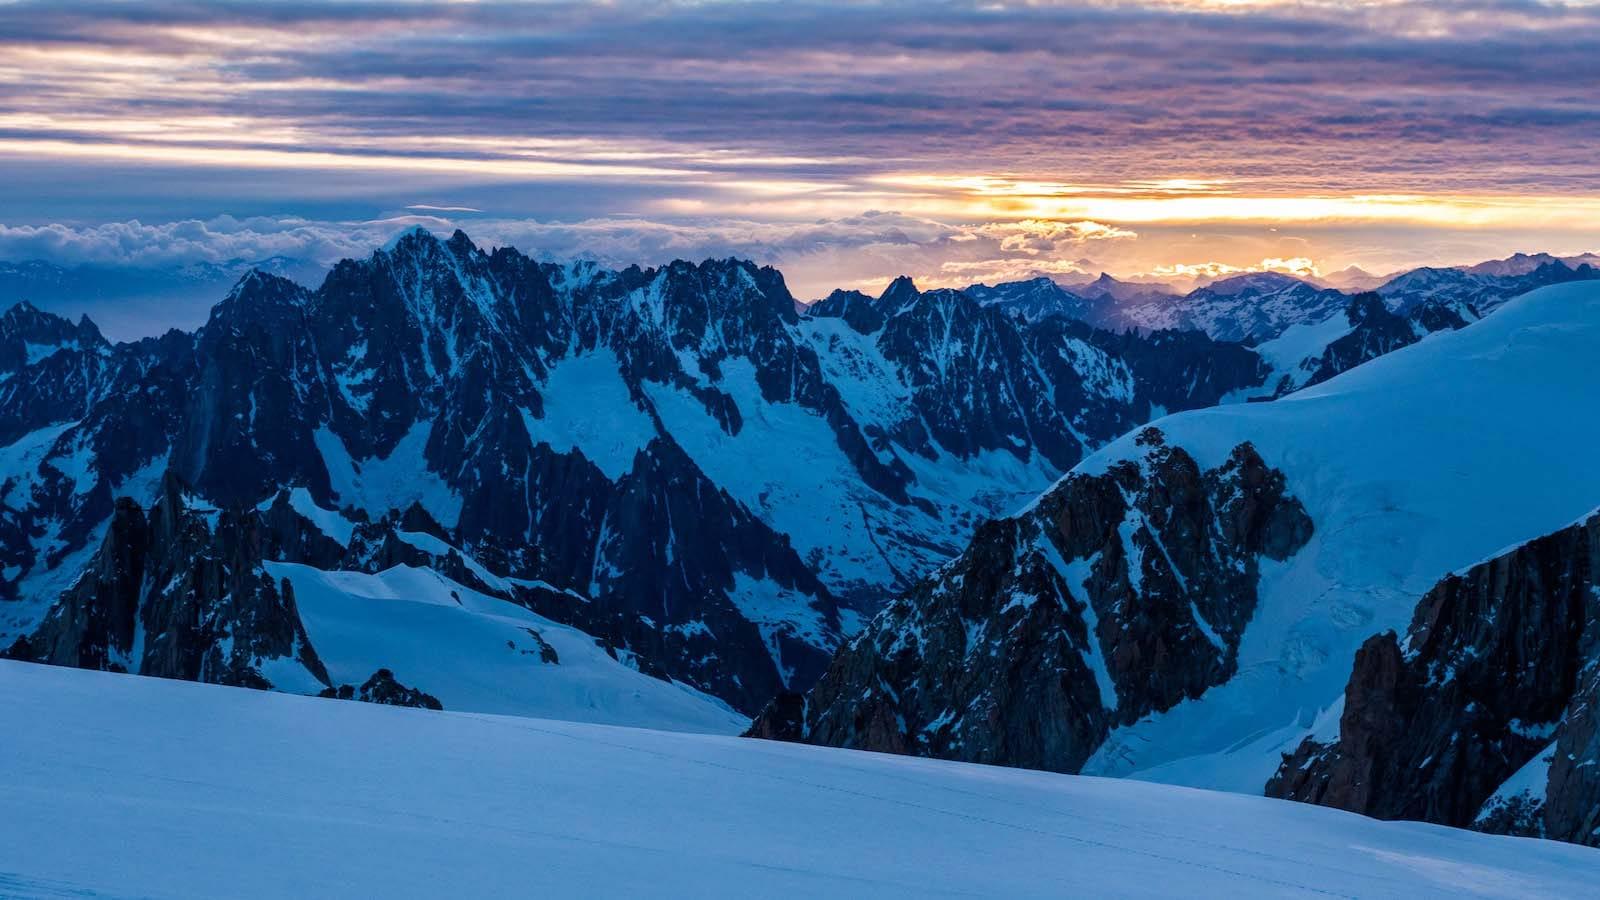 Le Mont-Blanc par Gonella<br><span id='secondary-title' style='font-size:28px;line-height:34px;color:#fff!important;font-weight:300;display:block;padding-top:34px;'>Gravir le Mont-Blanc par le sauvage versant italien</span>